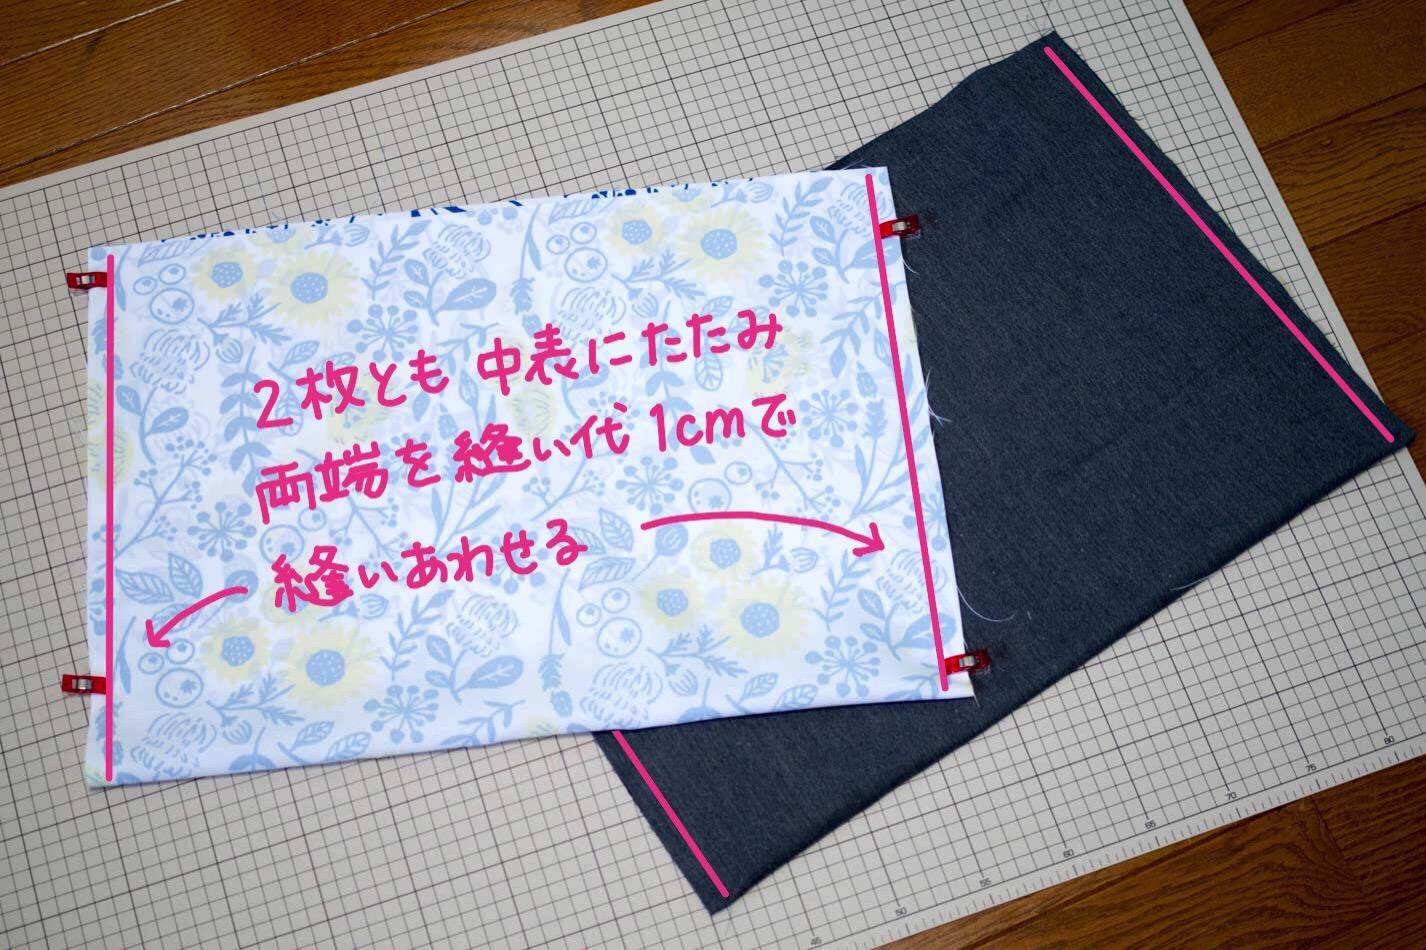 両端を縫い代1cmで縫い合わせ